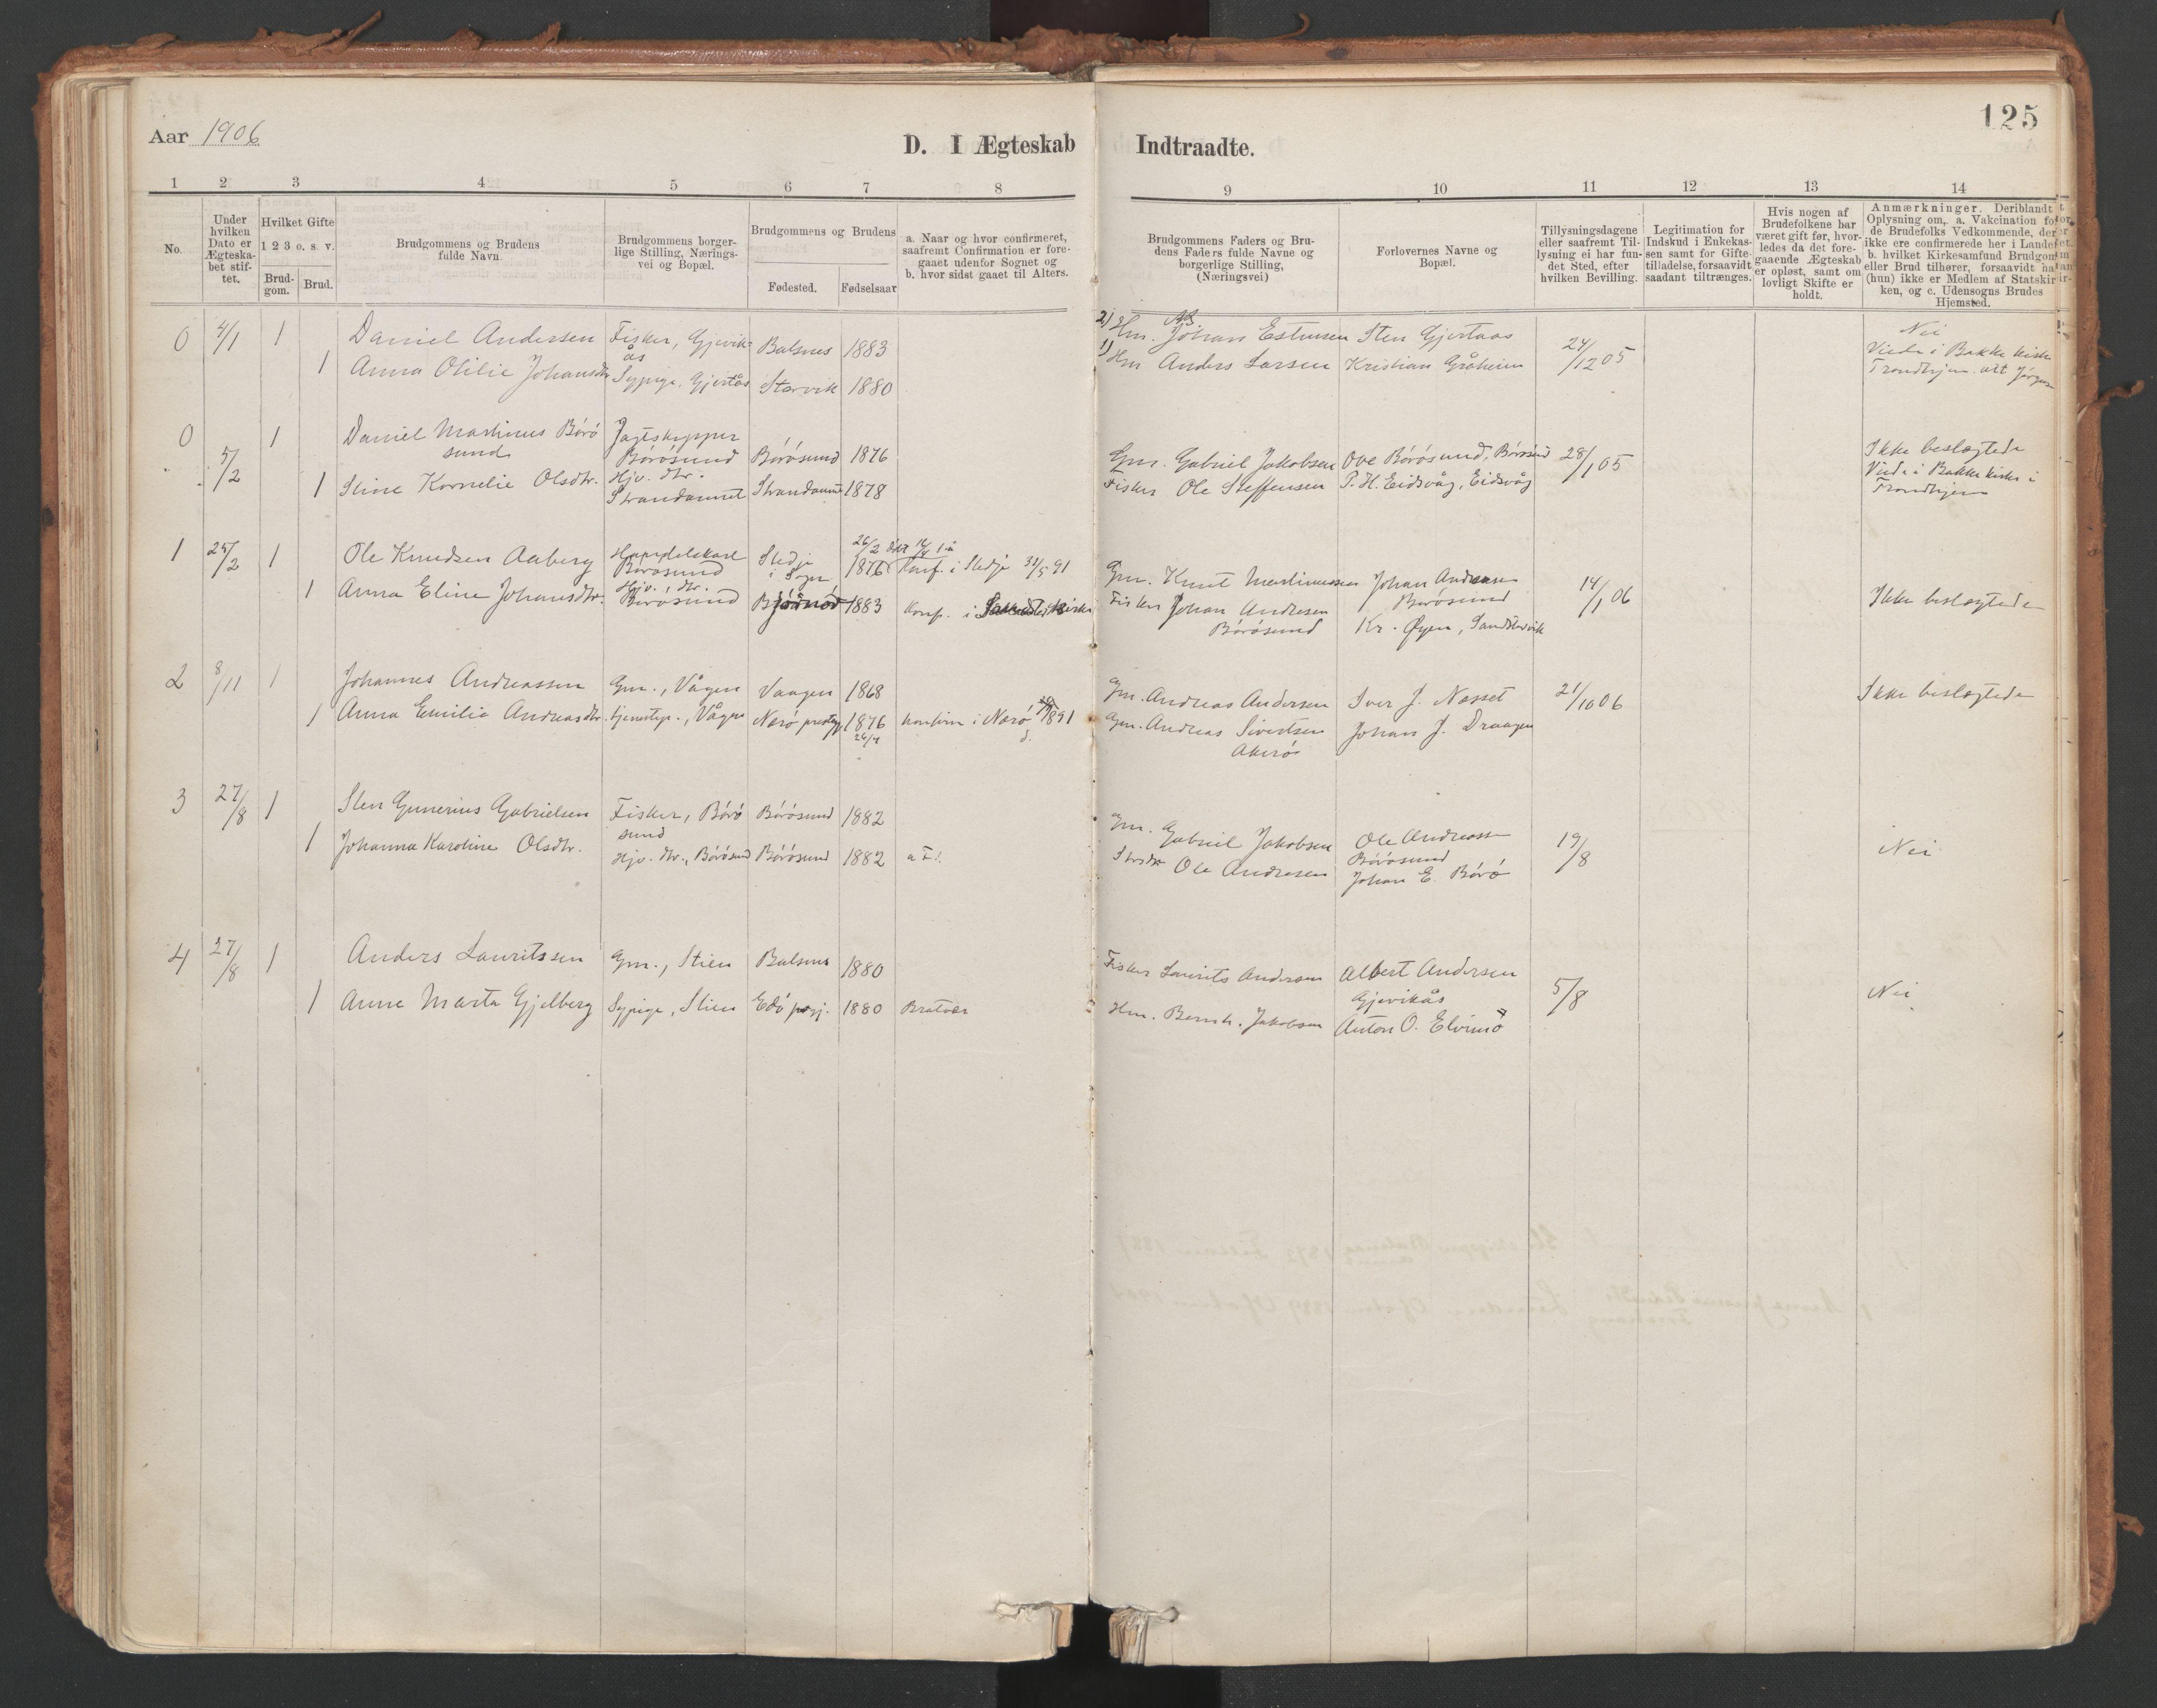 SAT, Ministerialprotokoller, klokkerbøker og fødselsregistre - Sør-Trøndelag, 639/L0572: Ministerialbok nr. 639A01, 1890-1920, s. 125